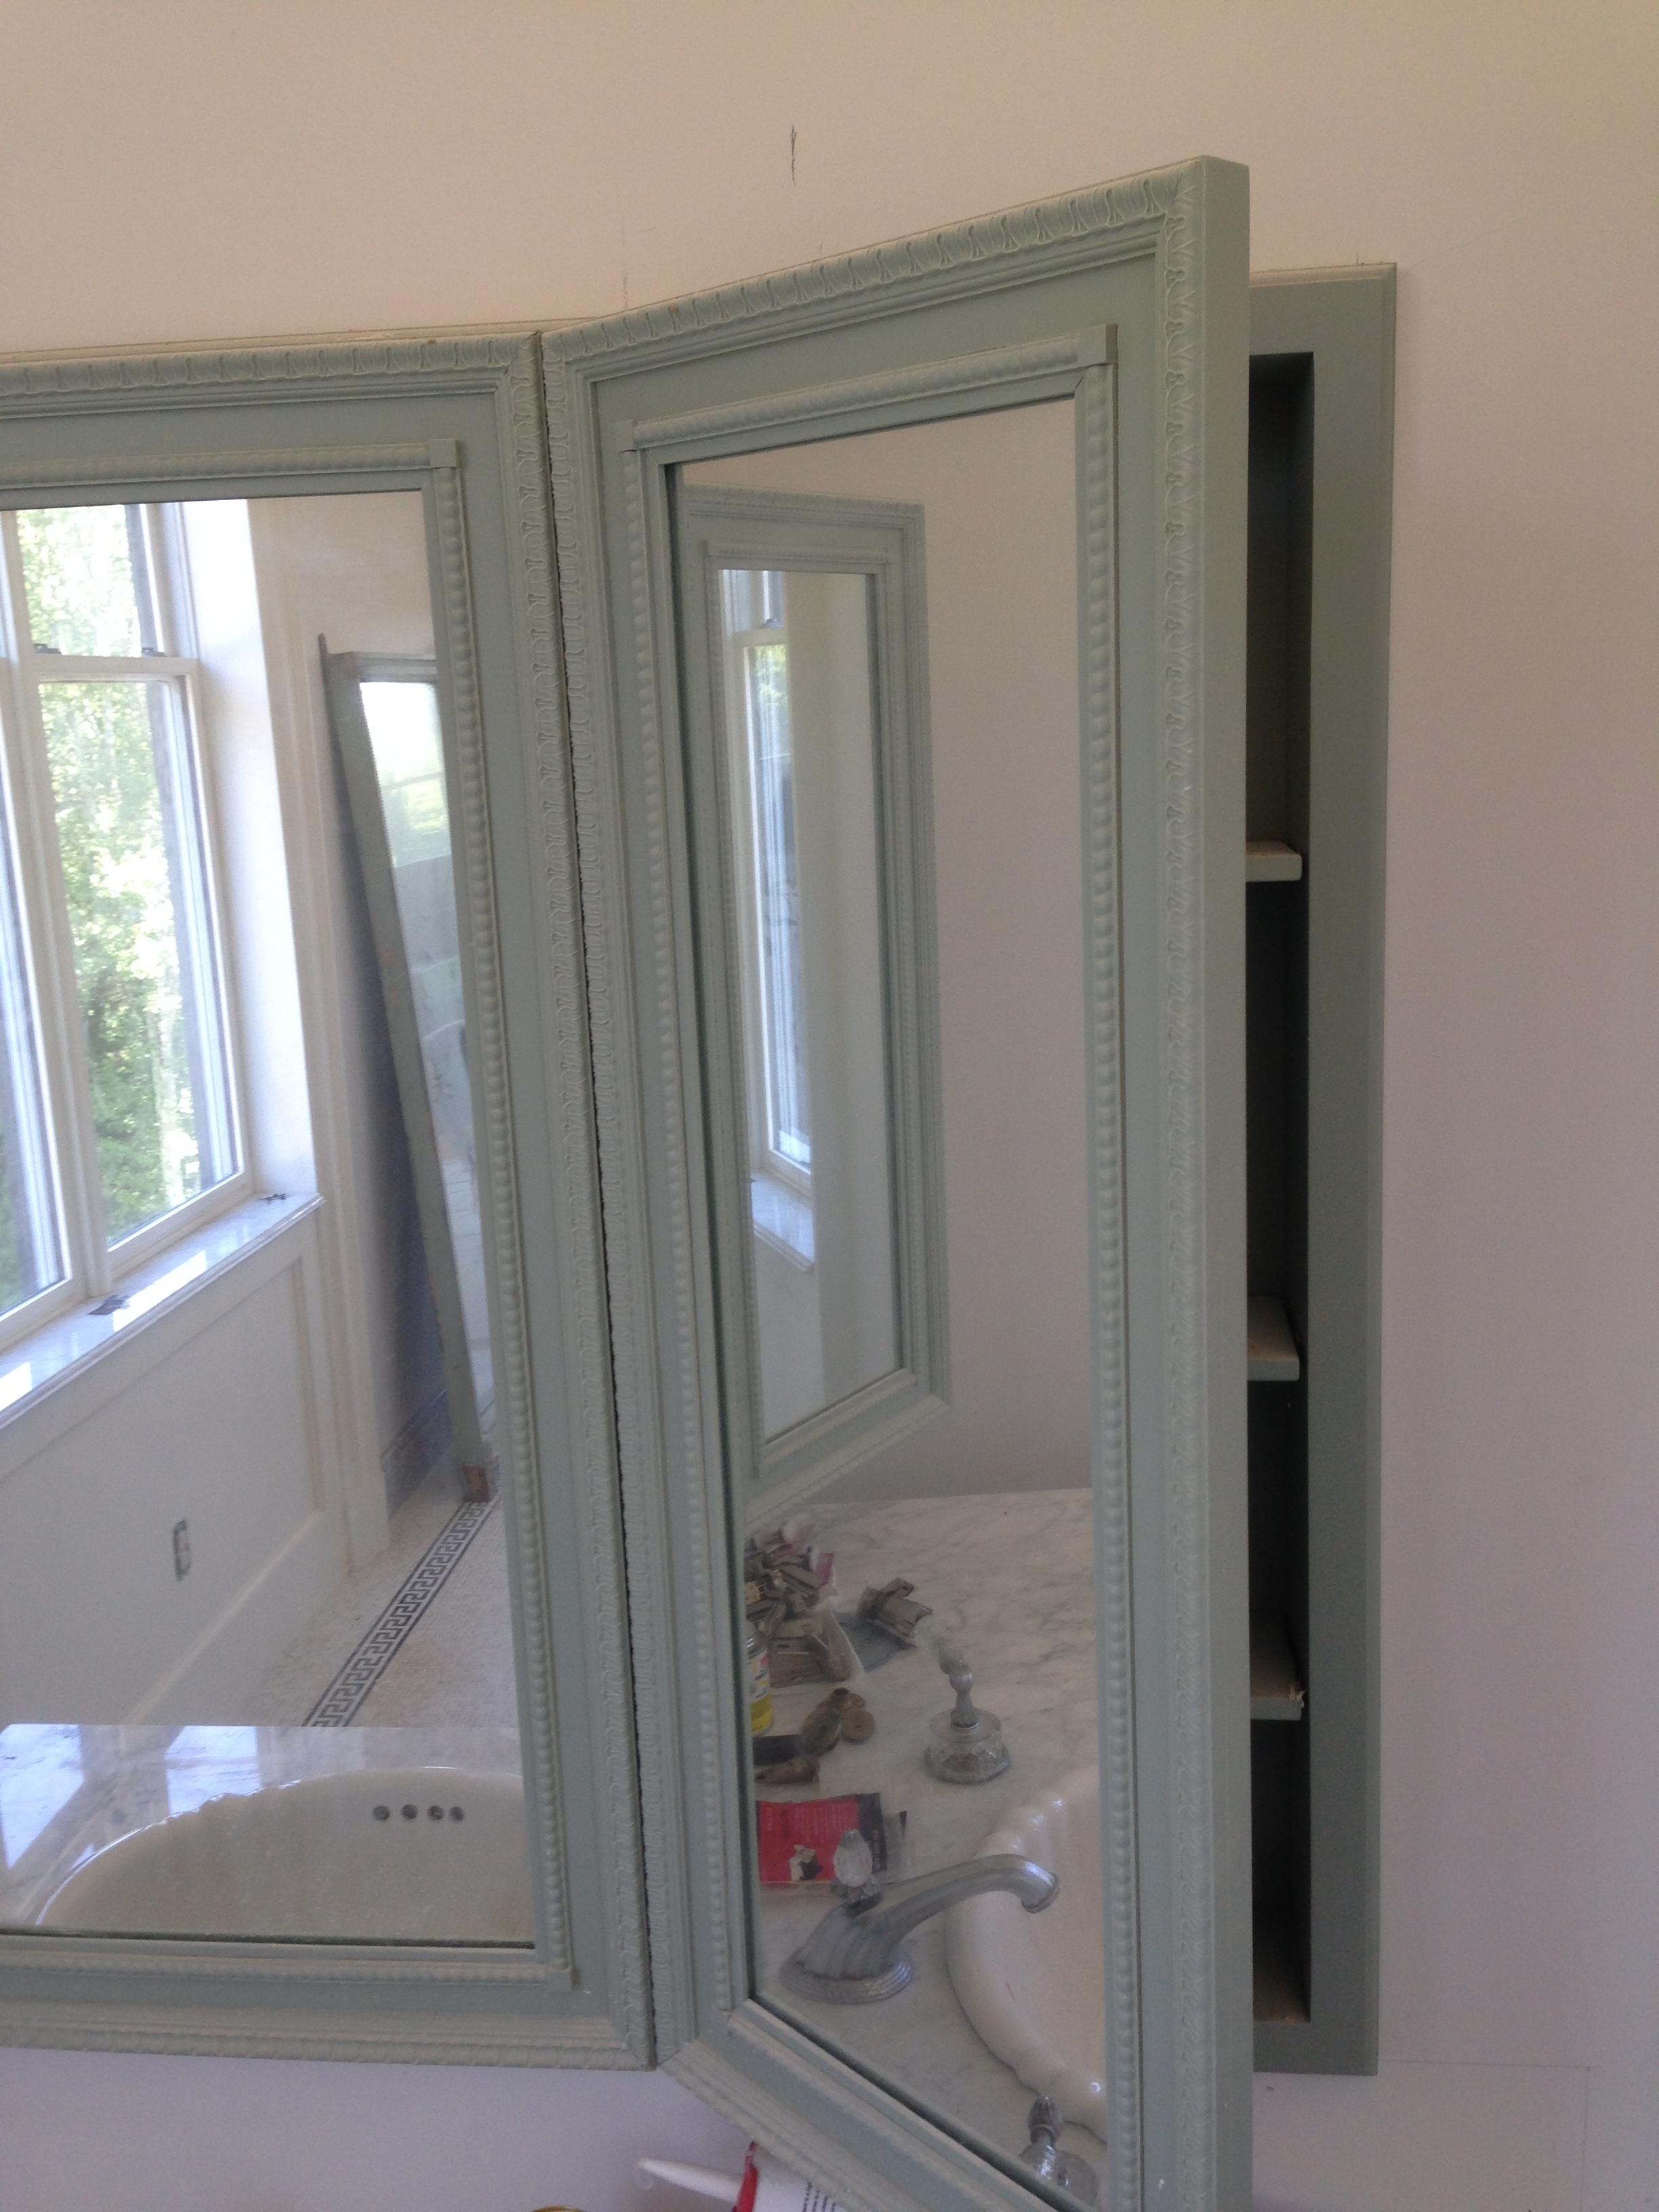 Hinged Bathroom Wall Mirror